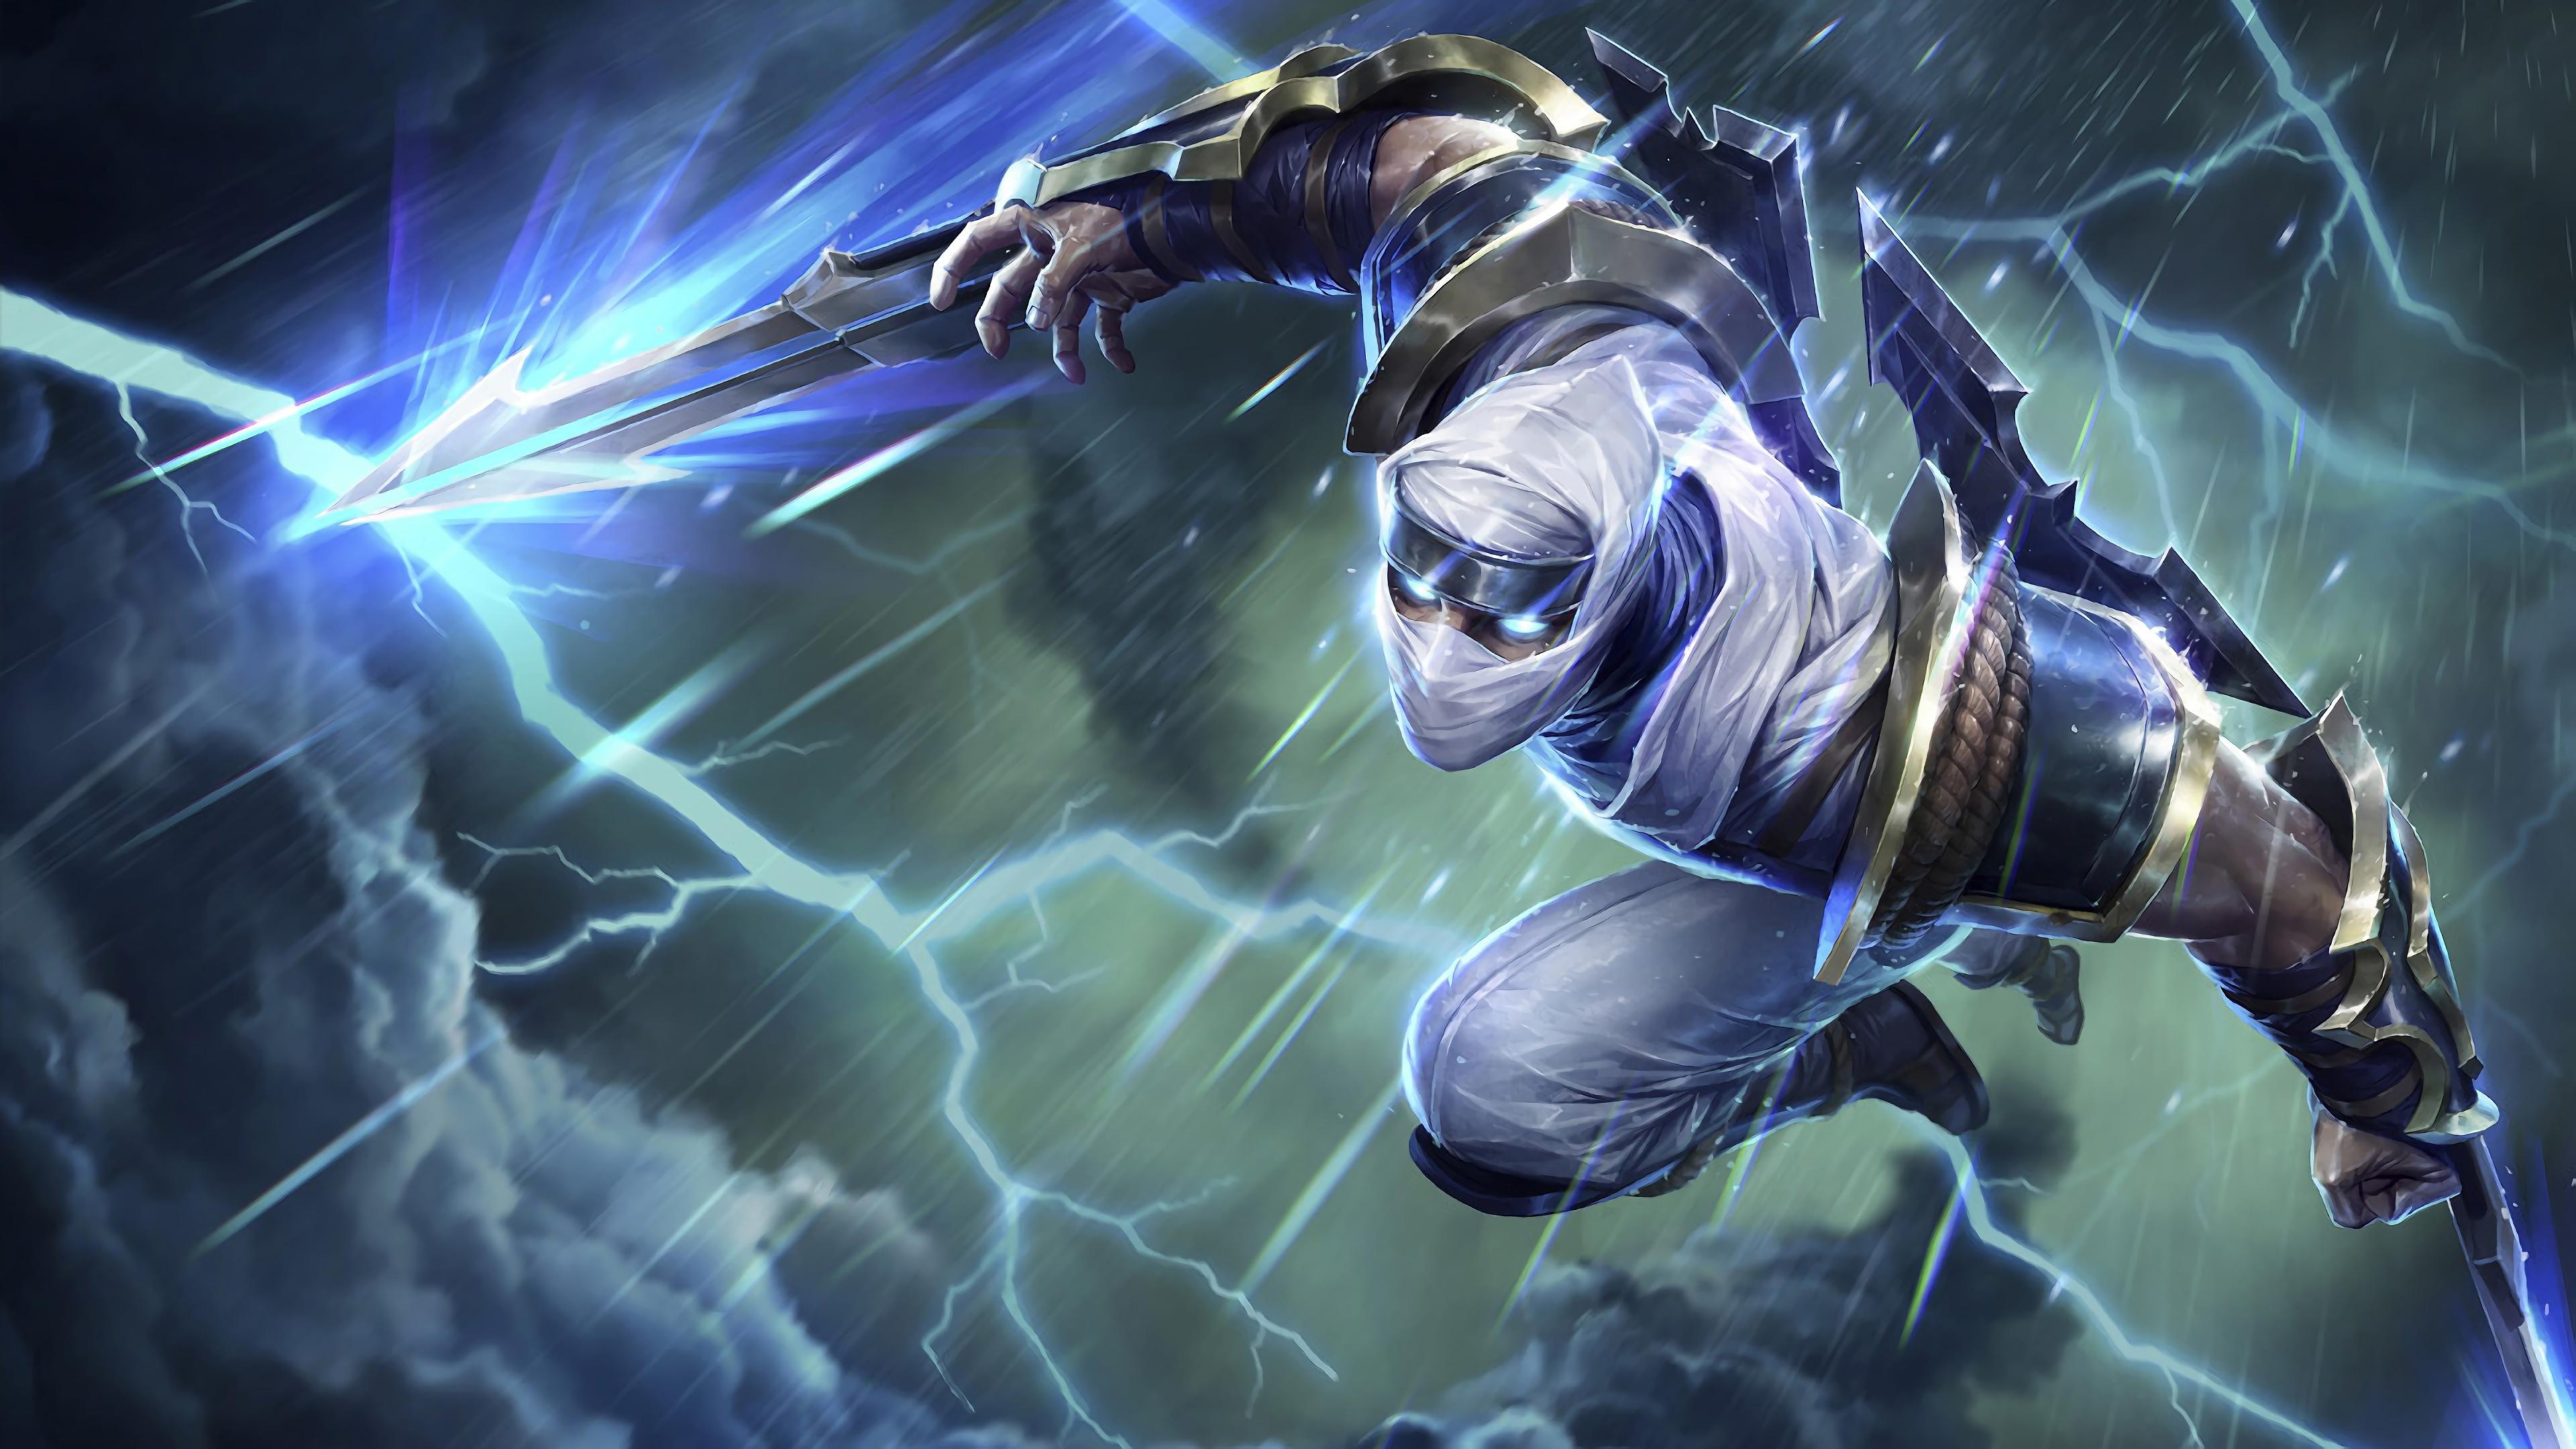 Bloodstone Taric LoL Splash Art League of Legends 4K 1171 3840x2160